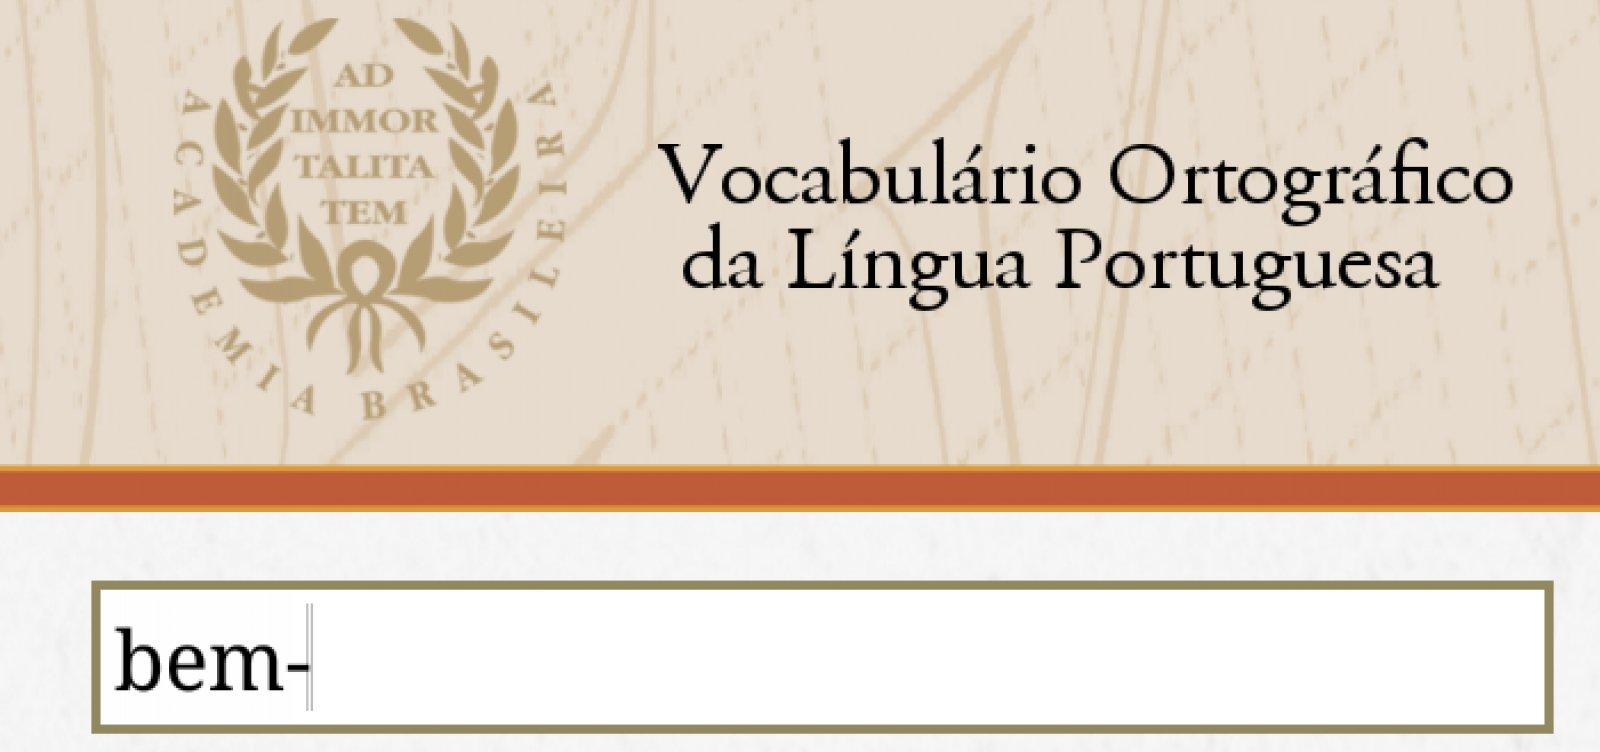 ABL inclui 'feminicídio', 'lockdown' e 'home office' em vocabulário atualizado da língua portuguesa